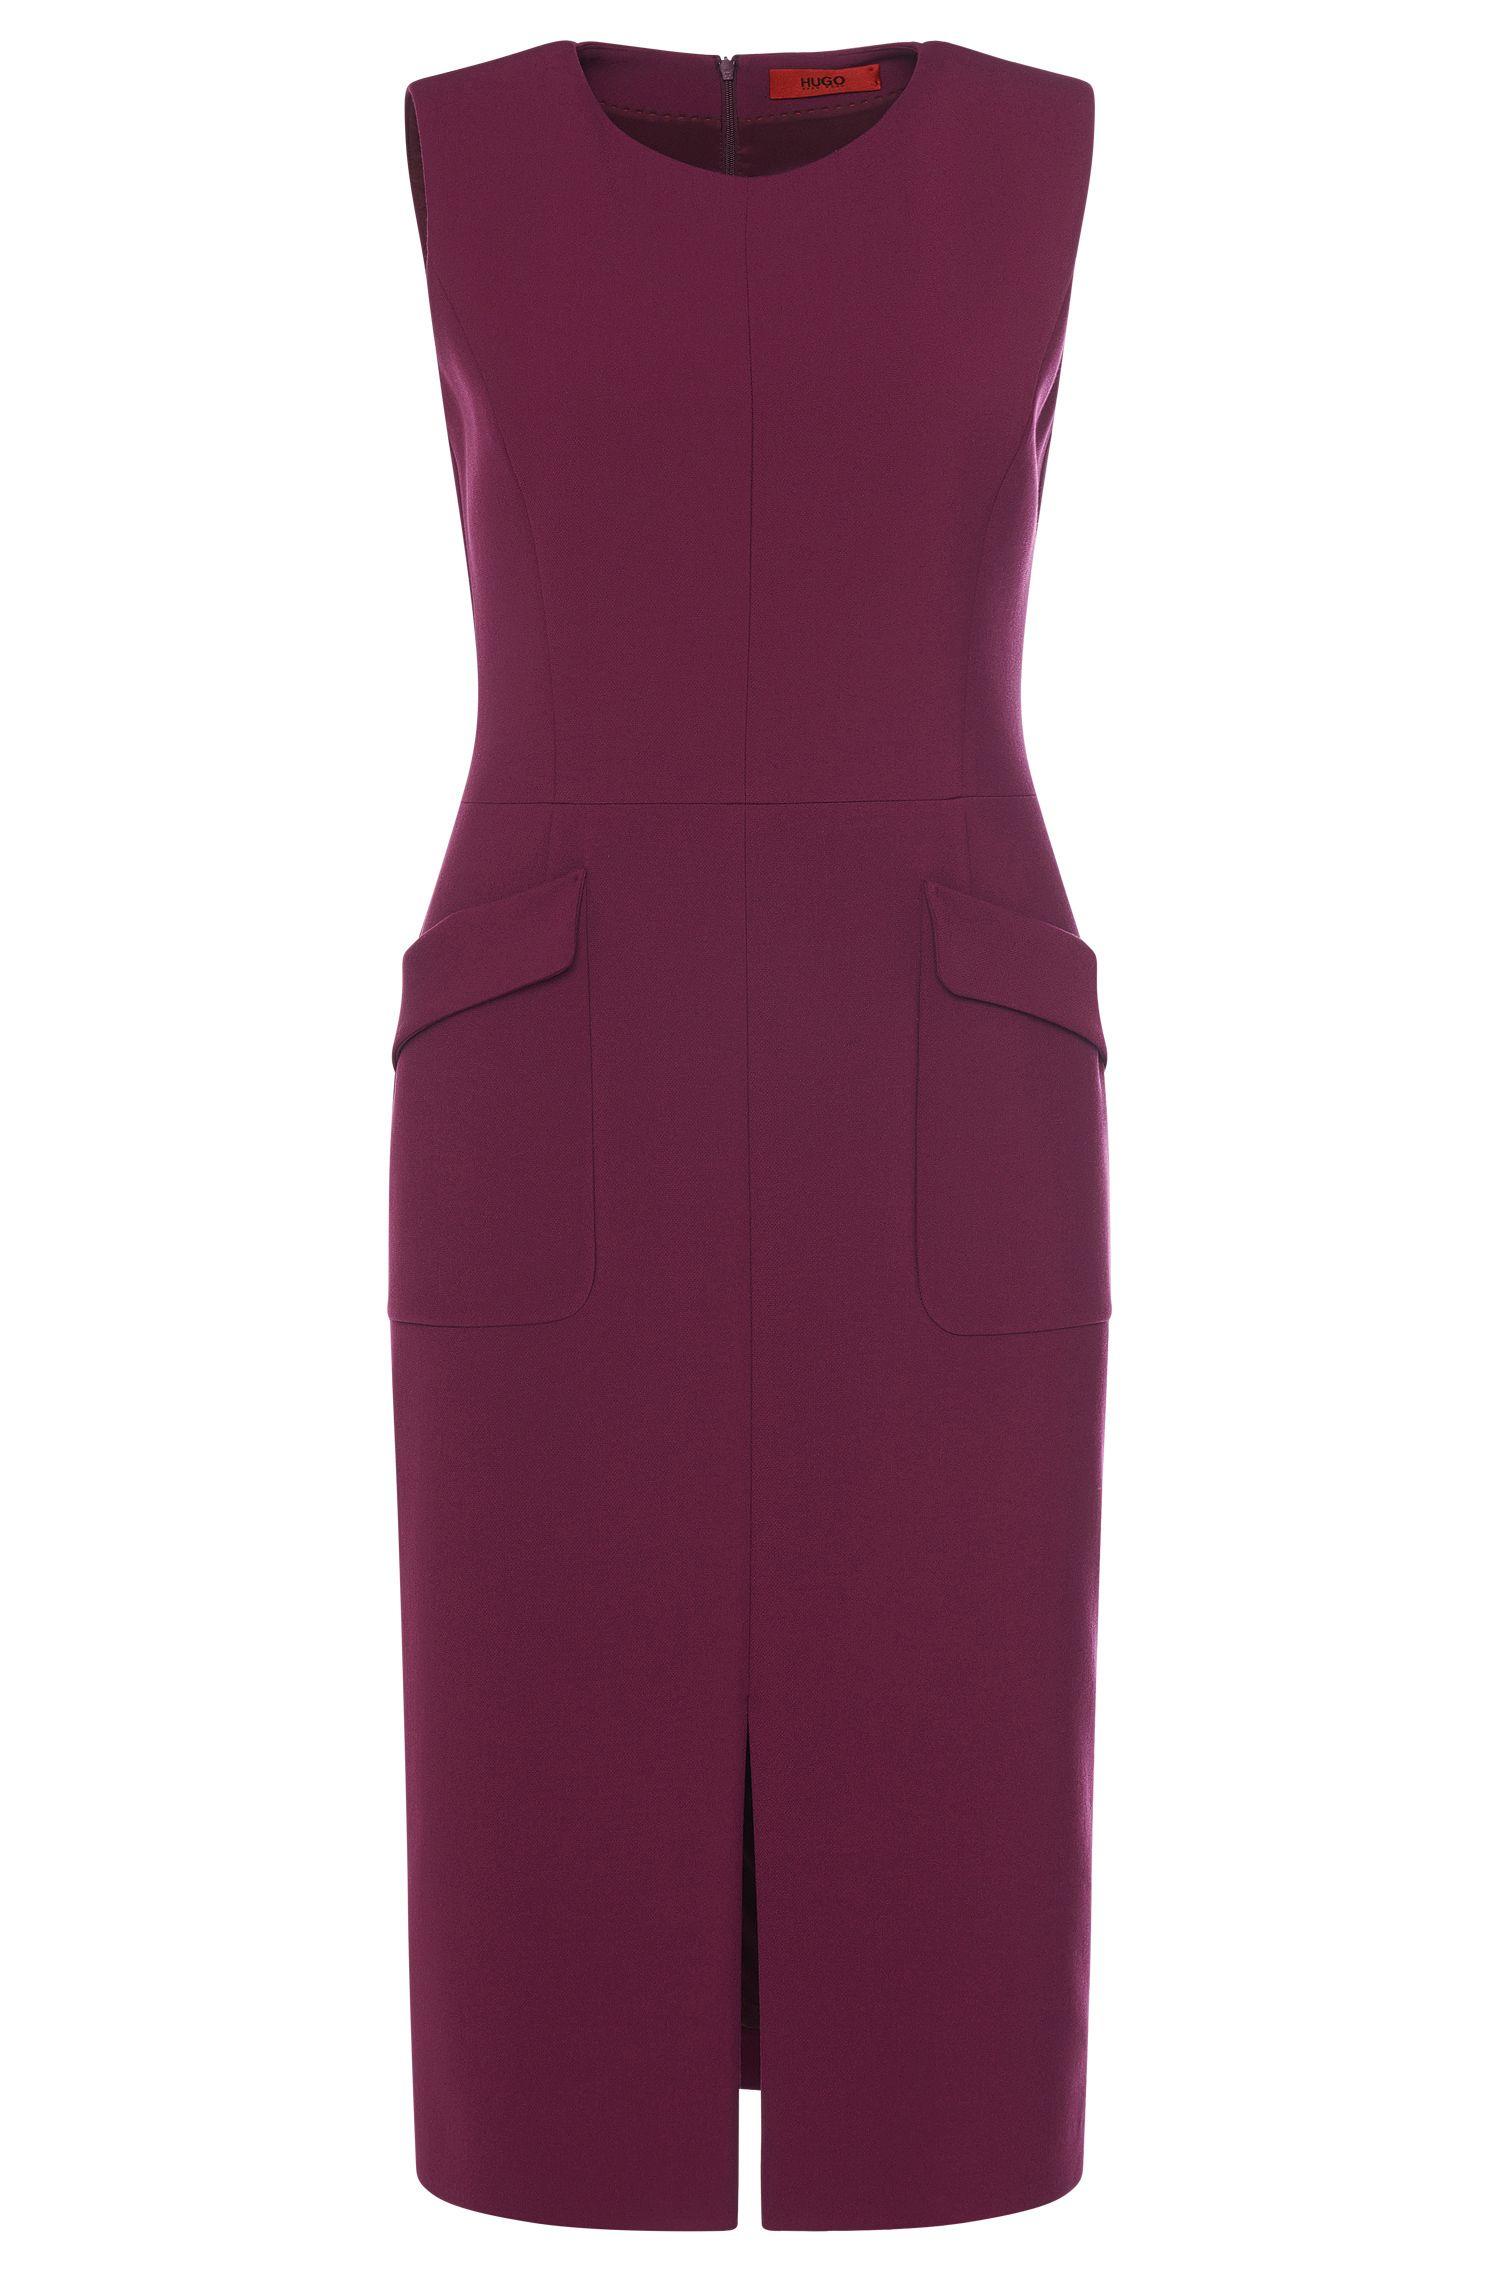 'Klenni' | Stretch Cotton Blend Sheath Dress